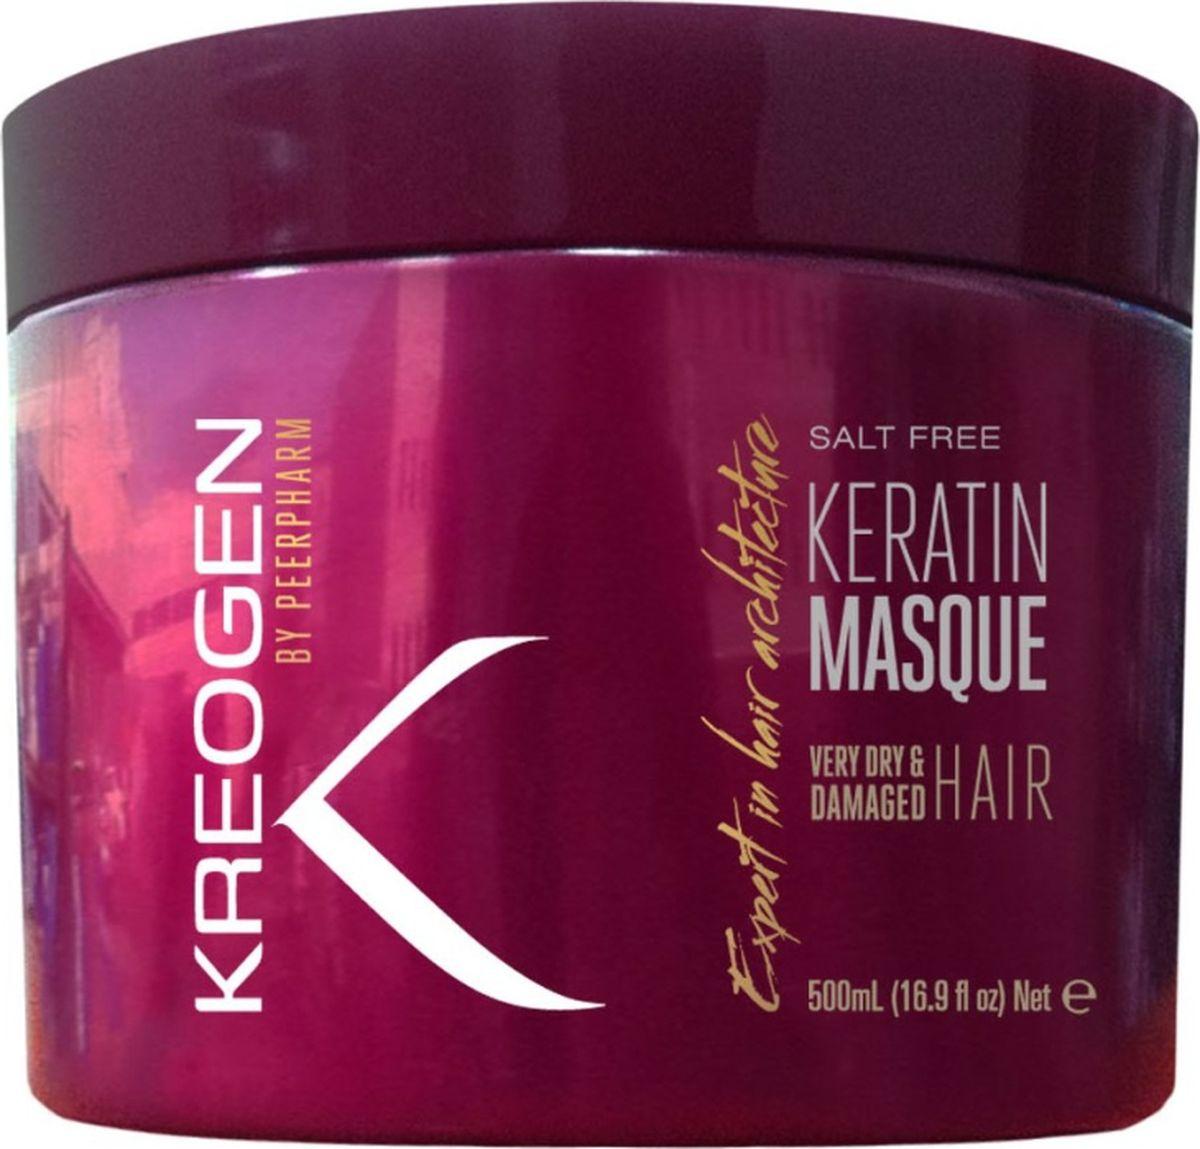 Kreogen Бессолевая кератиновая маска для сухих и поврежденных волос, Kreogen, 500 млMP59.4DОсновной активный ингредиент косметики Kreogen - кератин - чрезвычайно сильный протеин, основной компонент структуры волос.- питательная маска с комплексом масел для восстановления жизненных сил, блеска и структуры волос;- масла арганы и миндаля отлично усваиваются волосами, что обеспечивает им мягкость и опрятность по всей длине сразу же после применения;- можно использовать до 3 раз в неделю на всю длину волос + на очень сухие и ломкие кончики каждый раз после мытья волос.